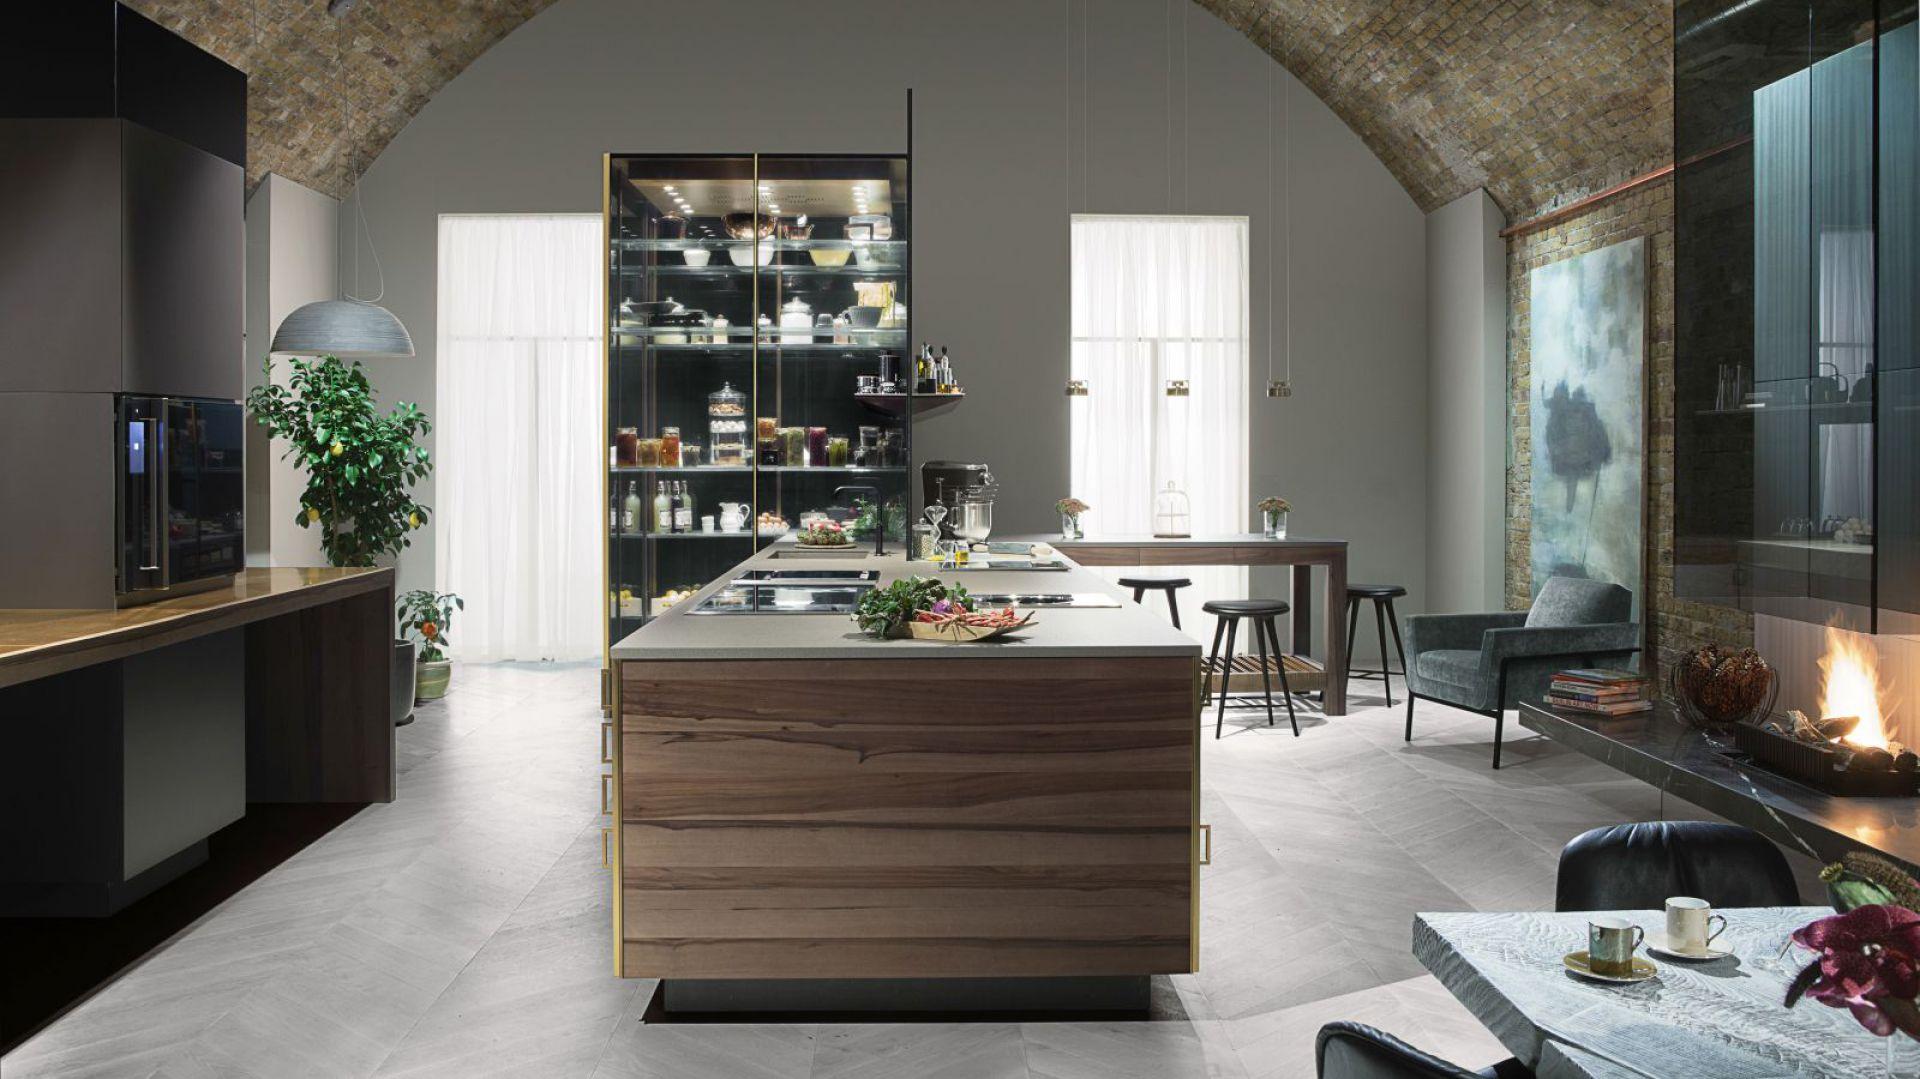 System Czwarta Ściana pozwala na zaaranżowanie kuchni, jak z gwiazdkowej restauracji oraz przygotowywanie potraw na najwyższym światowym poziomie  w domowym zaciszu. Fot. Poggenpohl.